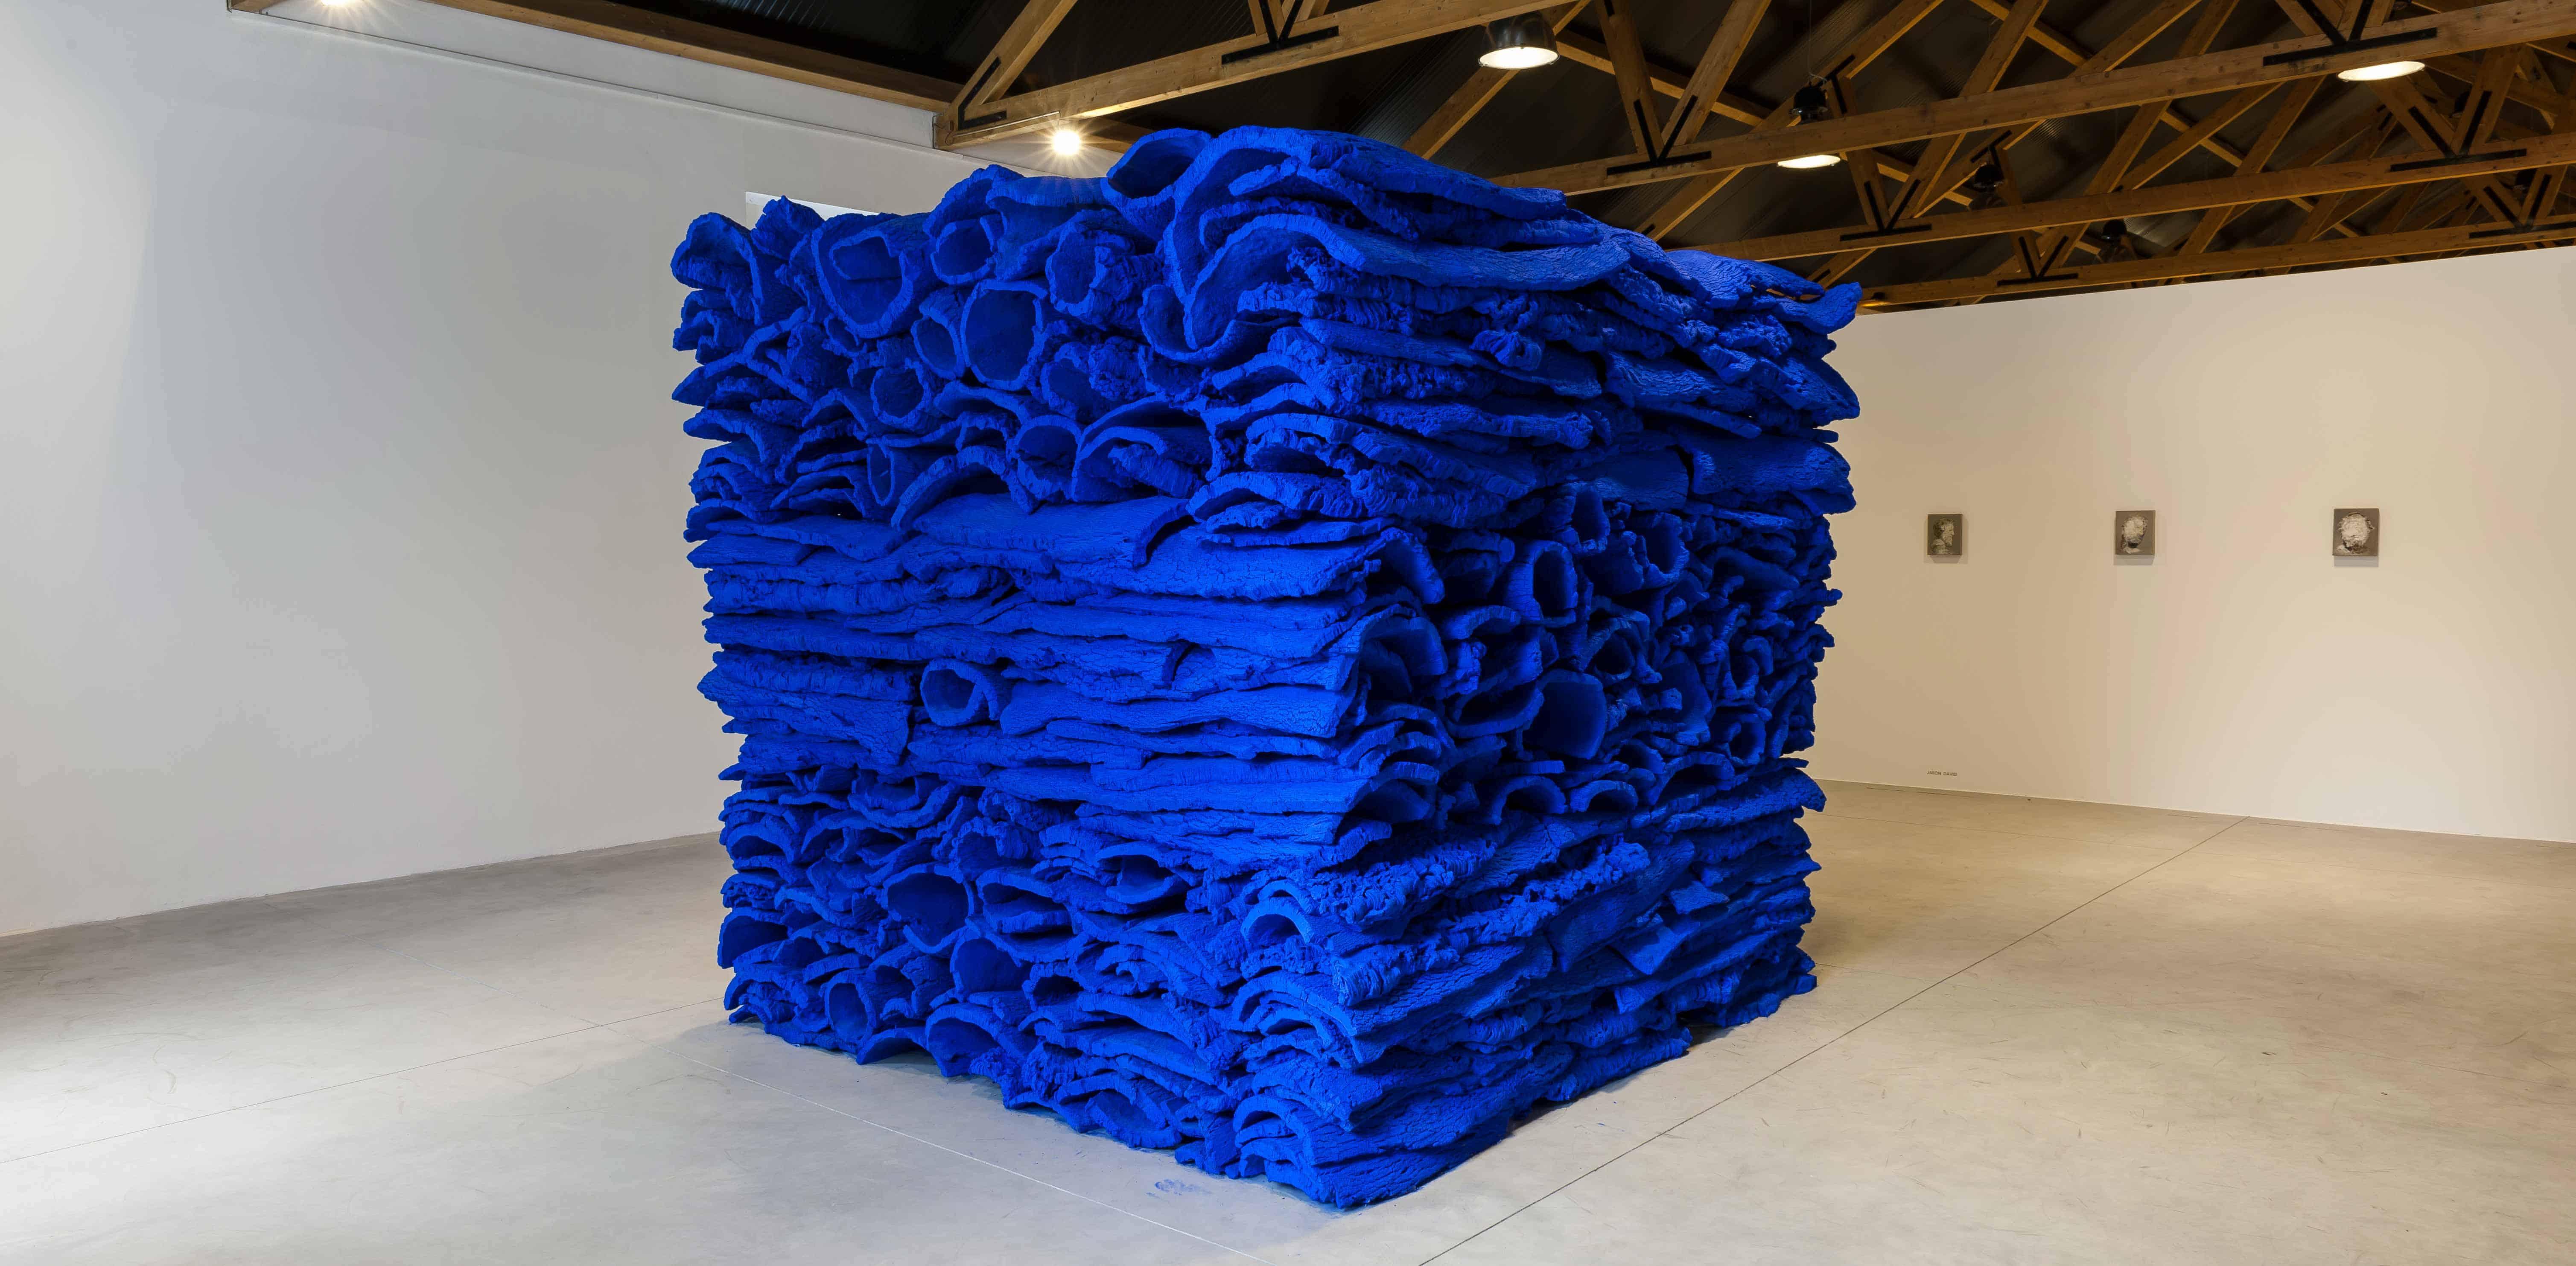 ultramarine-blue-cork-stack_great-men-die-twice-casa-da-cultura_august-2013-1-photo-dave-morgan